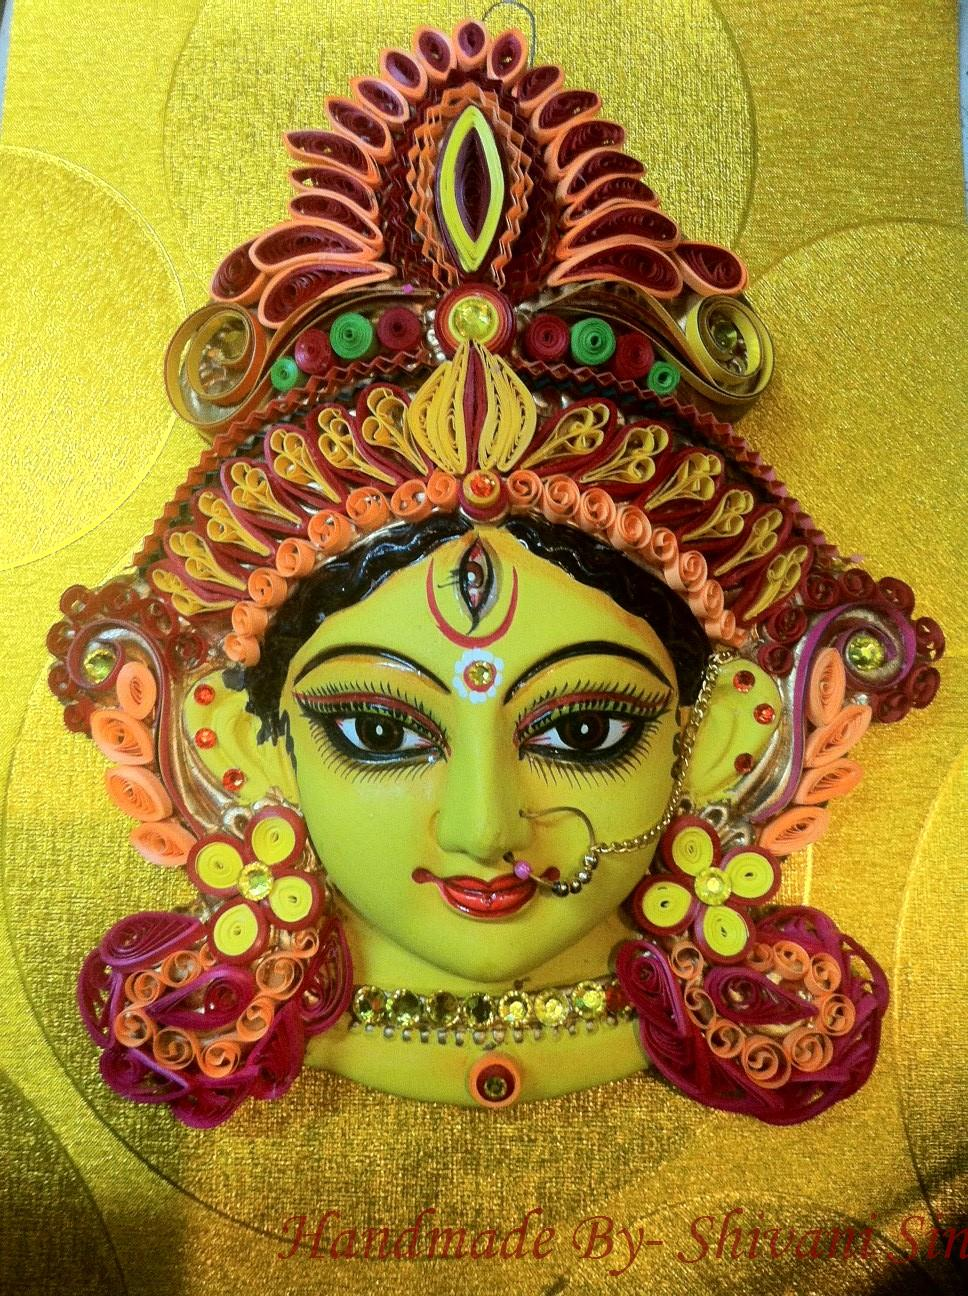 Magickrafts: Maa Durga!